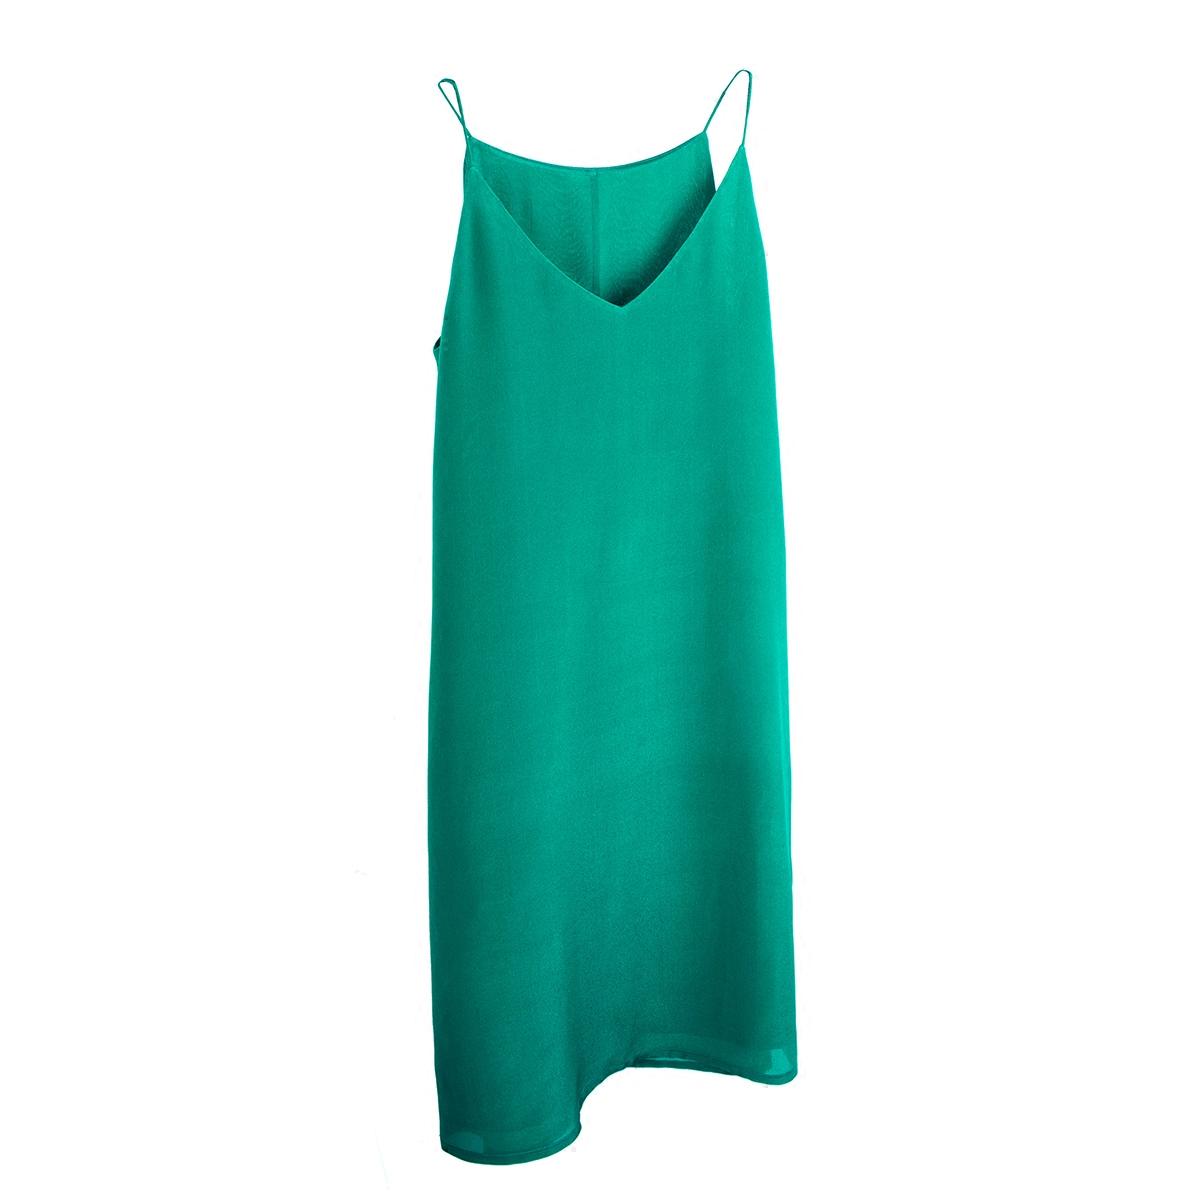 原隐夏复古优雅小香绿色v领外穿中长款打底裙吊带裙真丝连衣裙女